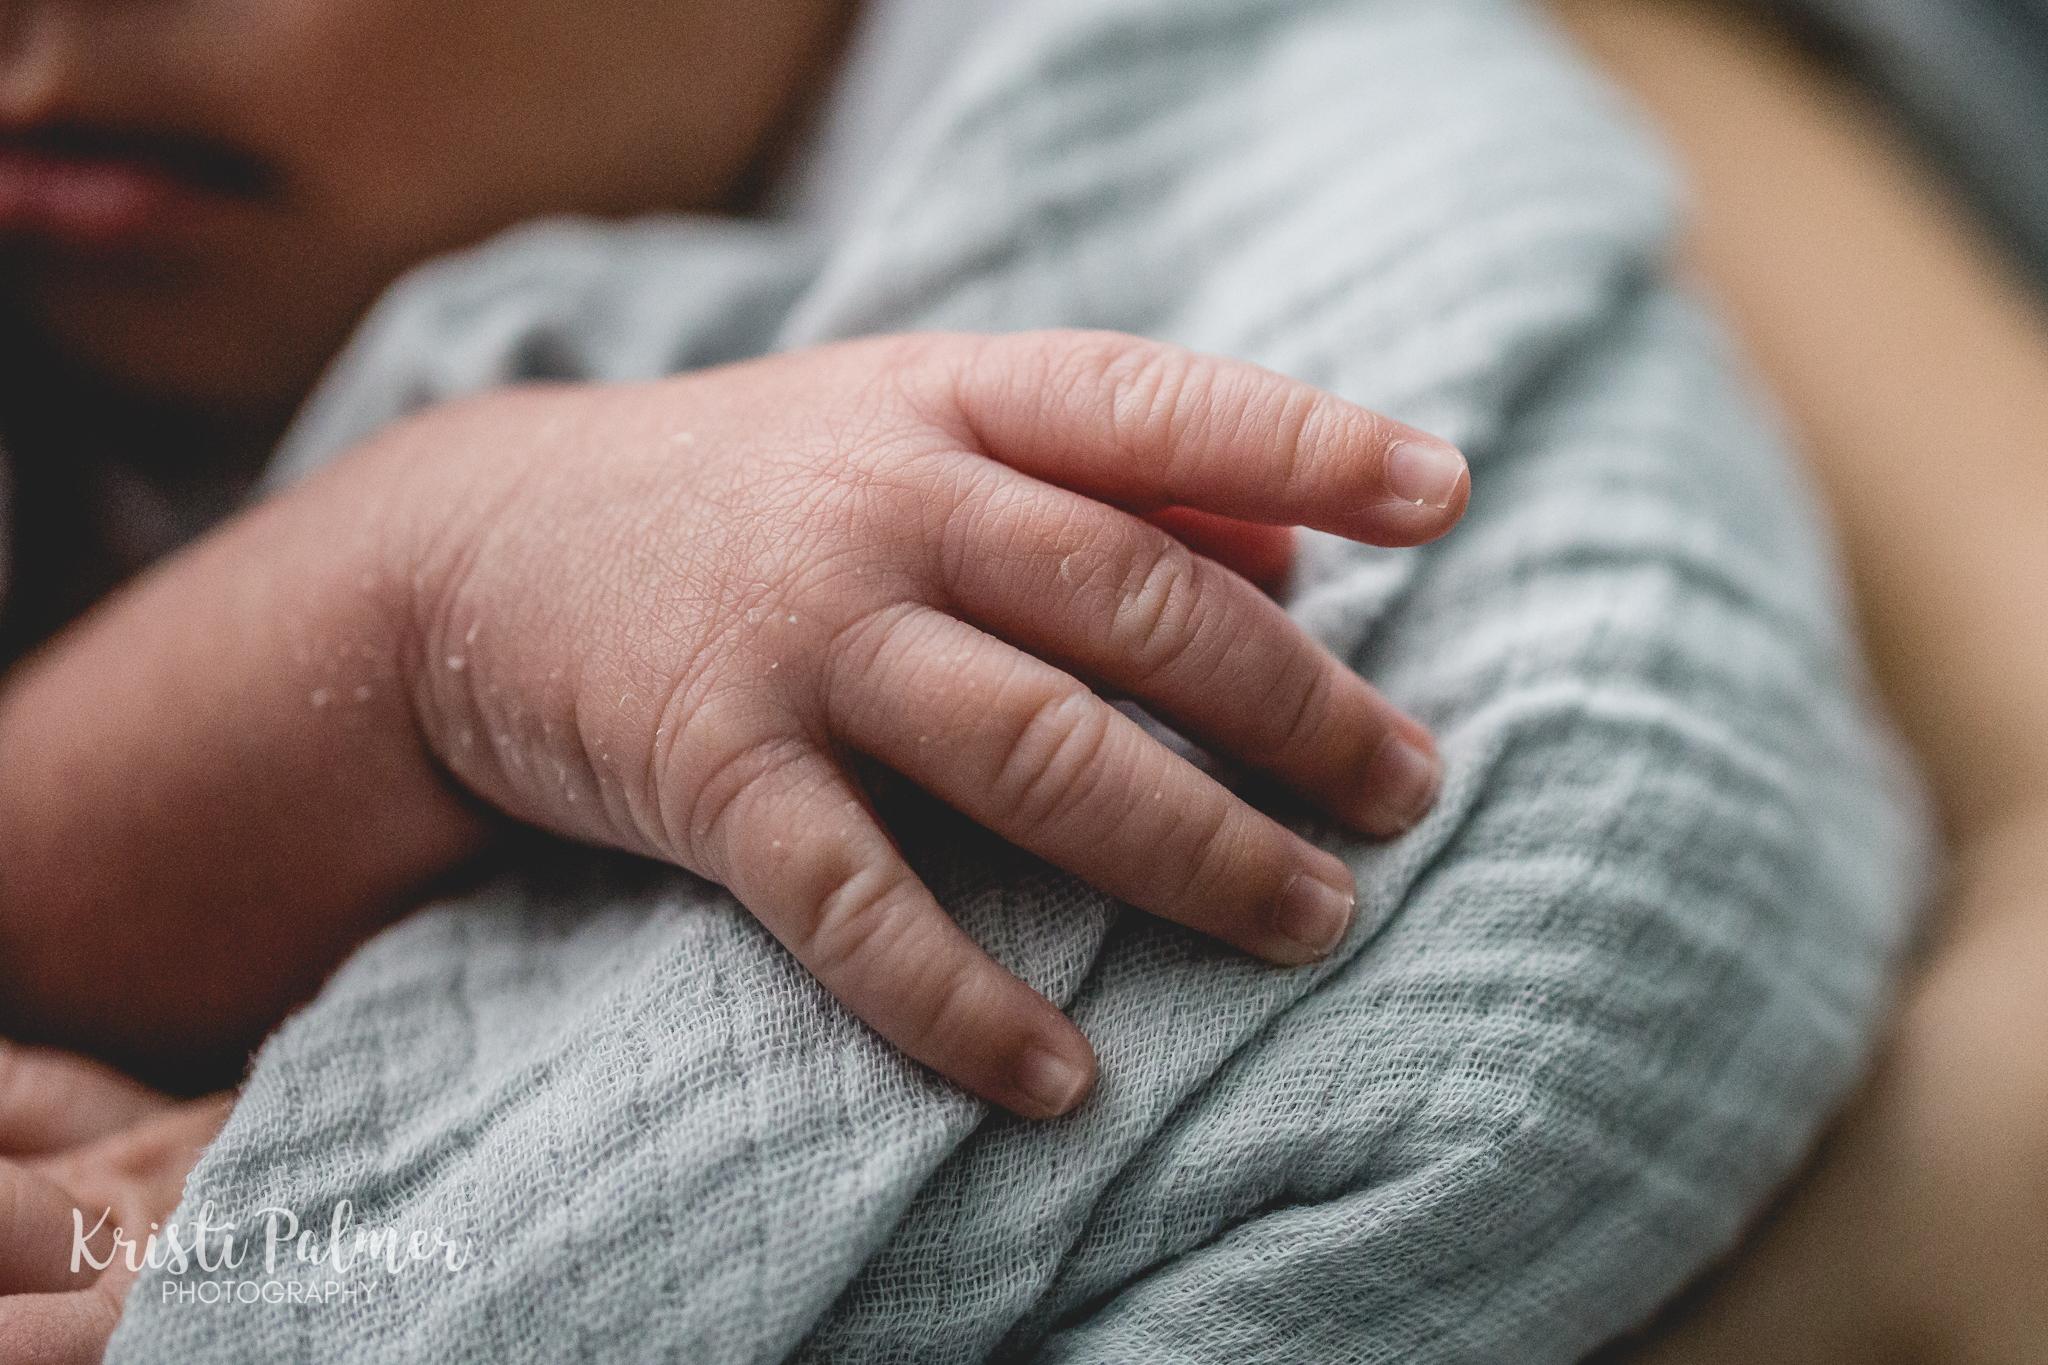 newborn detail hand photo